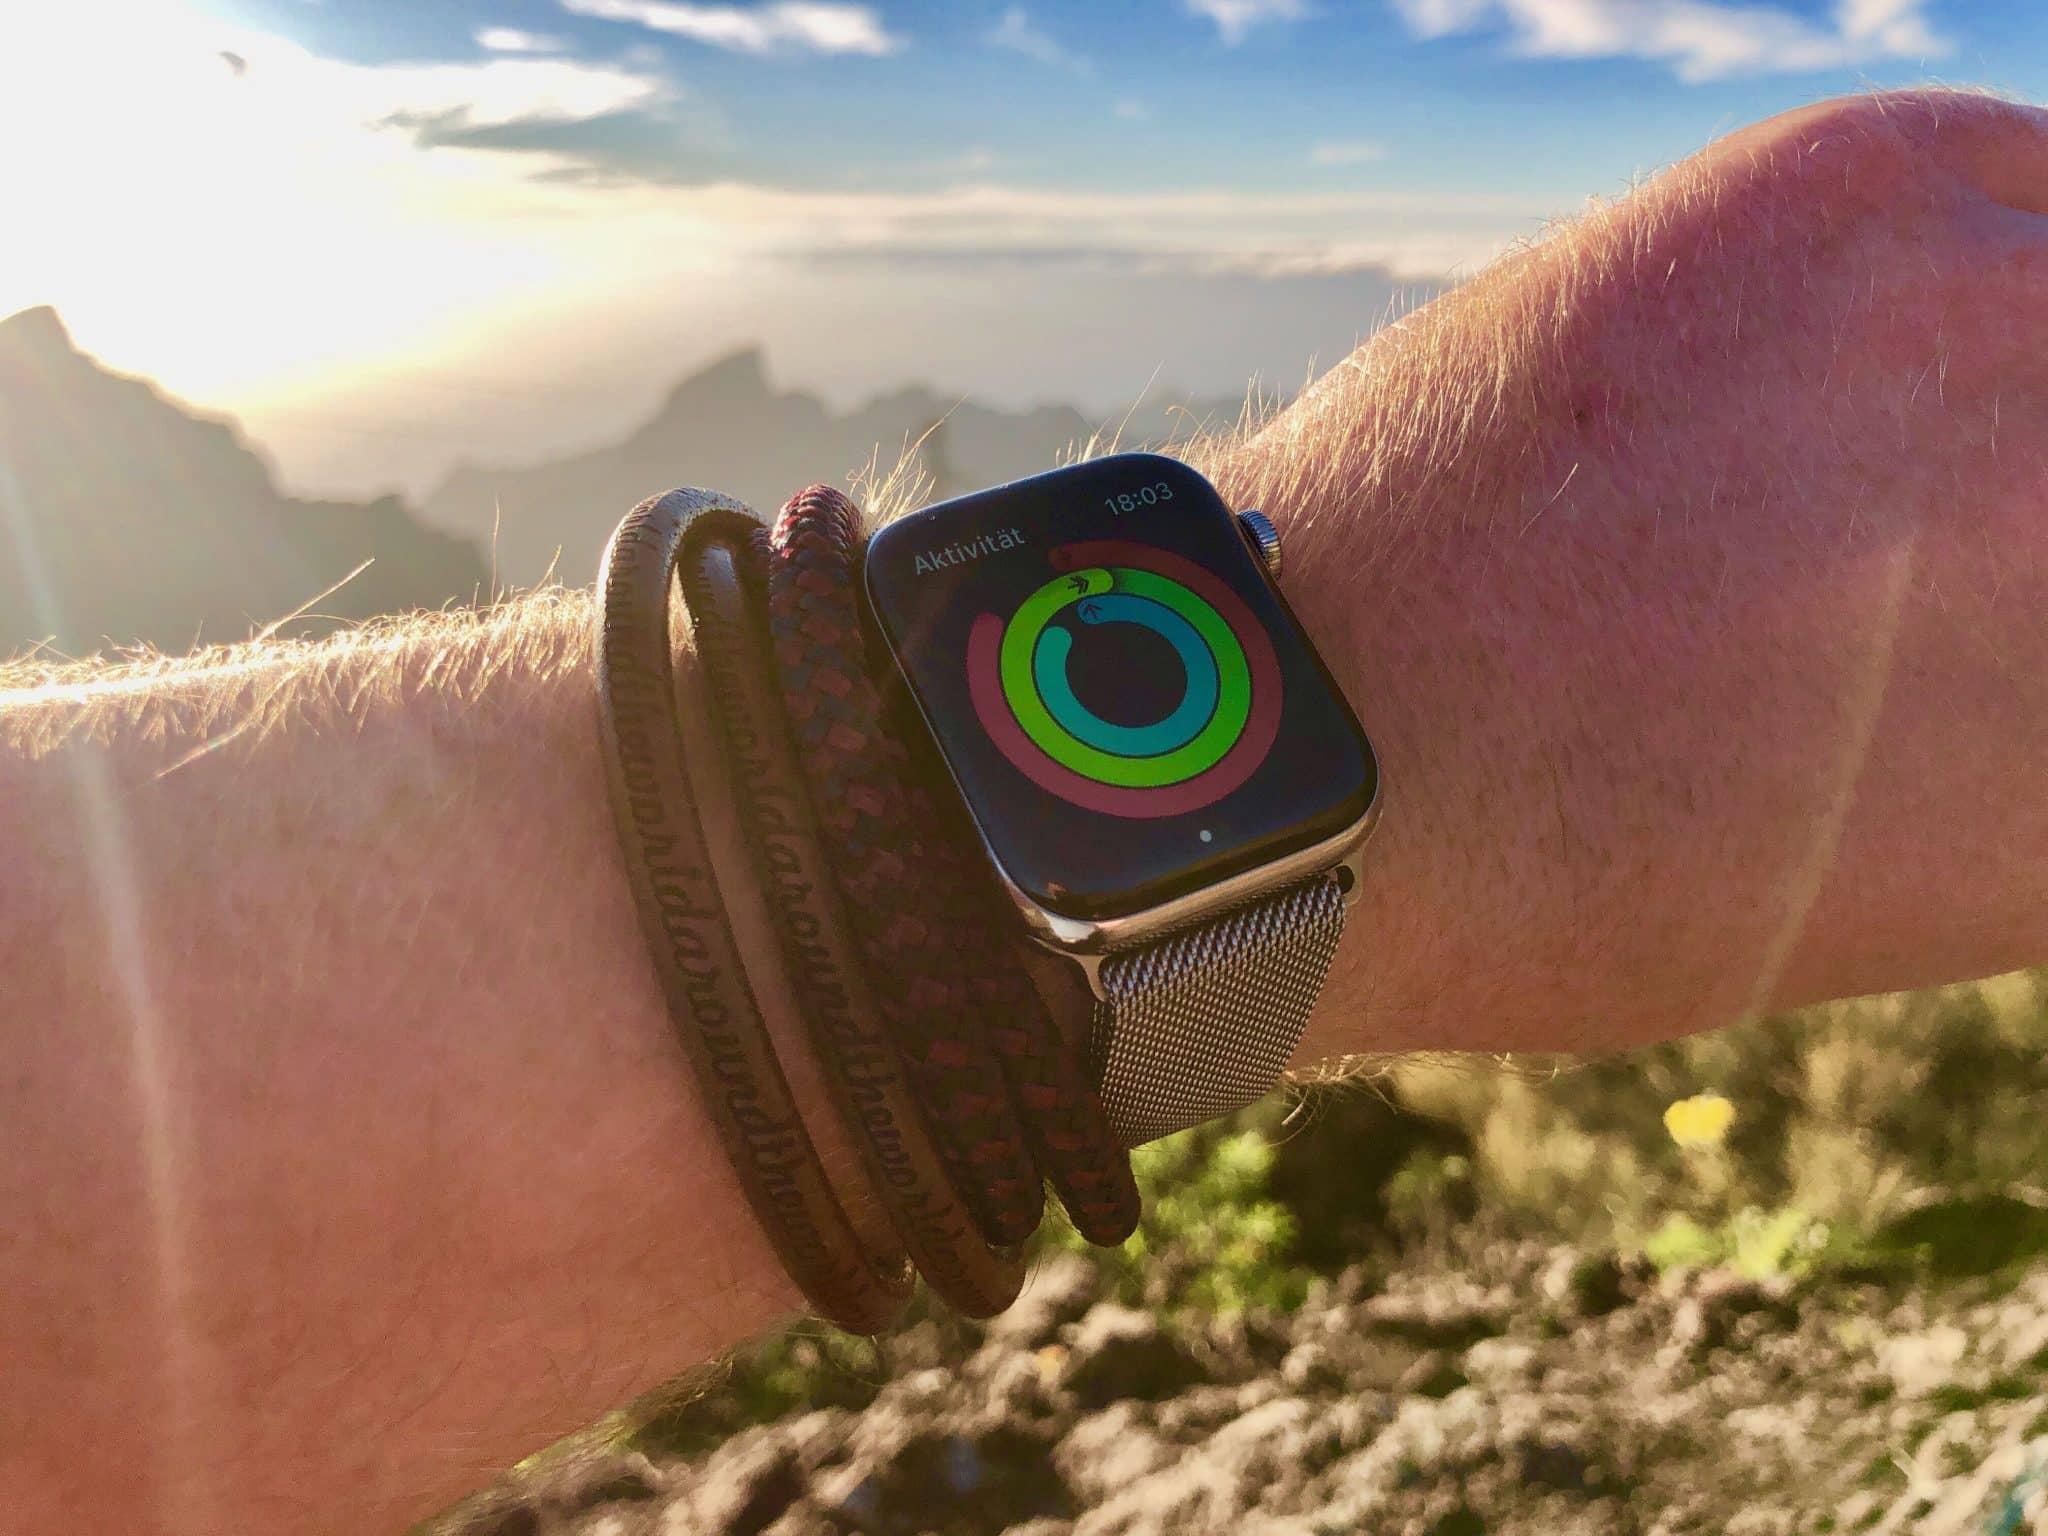 Was zeichnet die Apple Watch auf Reisen aus? Wir stellen Euch die wichtigsten Vorteile und Nachteile der Smartwatch im Urlaub vor. Foto: Sascha Tegtmeyer